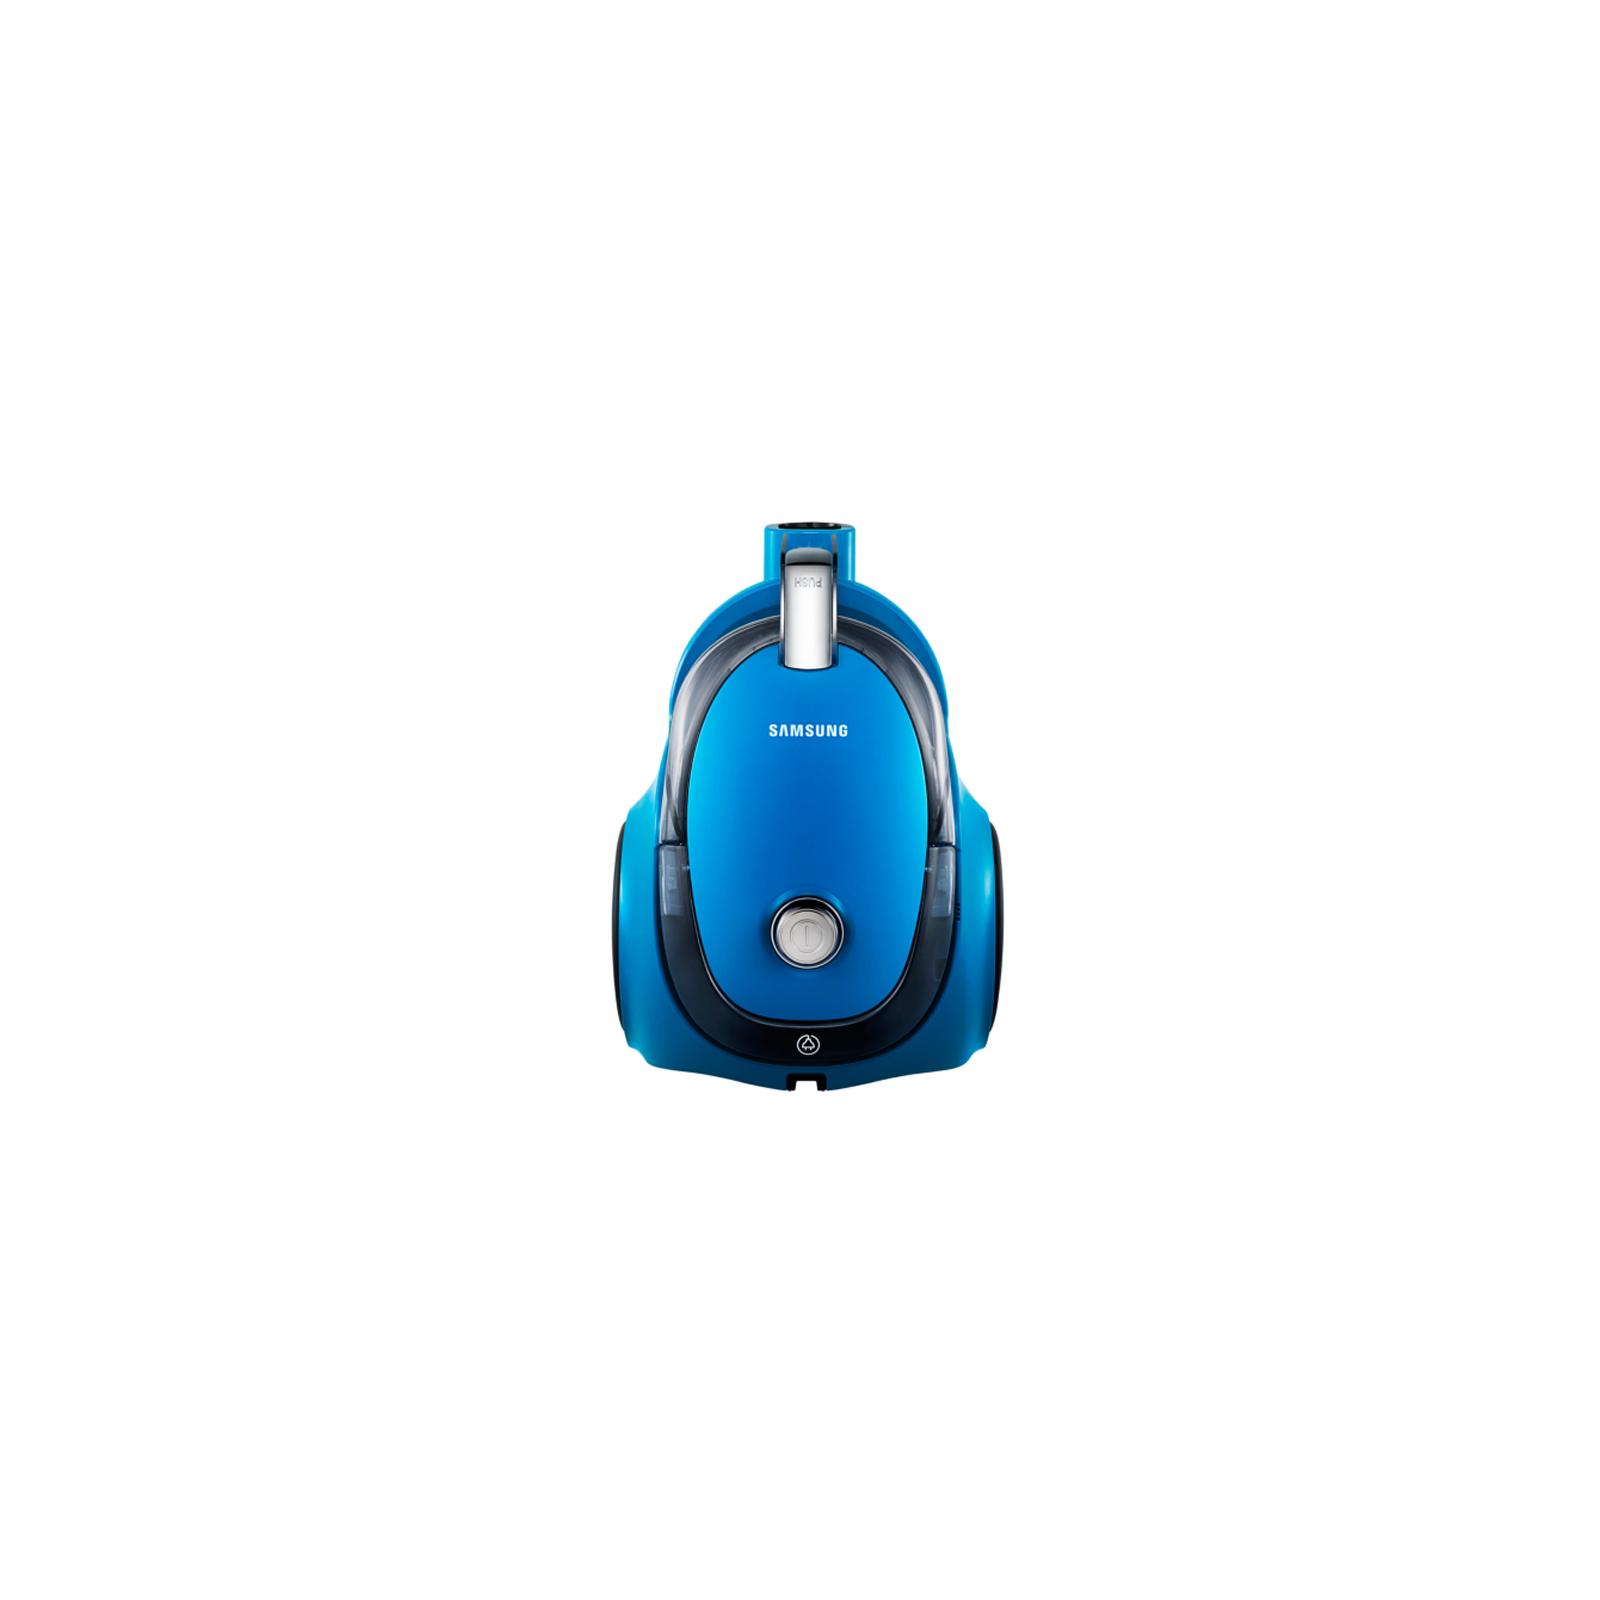 Пылесос Samsung VC16BSNMAUB/EV изображение 2